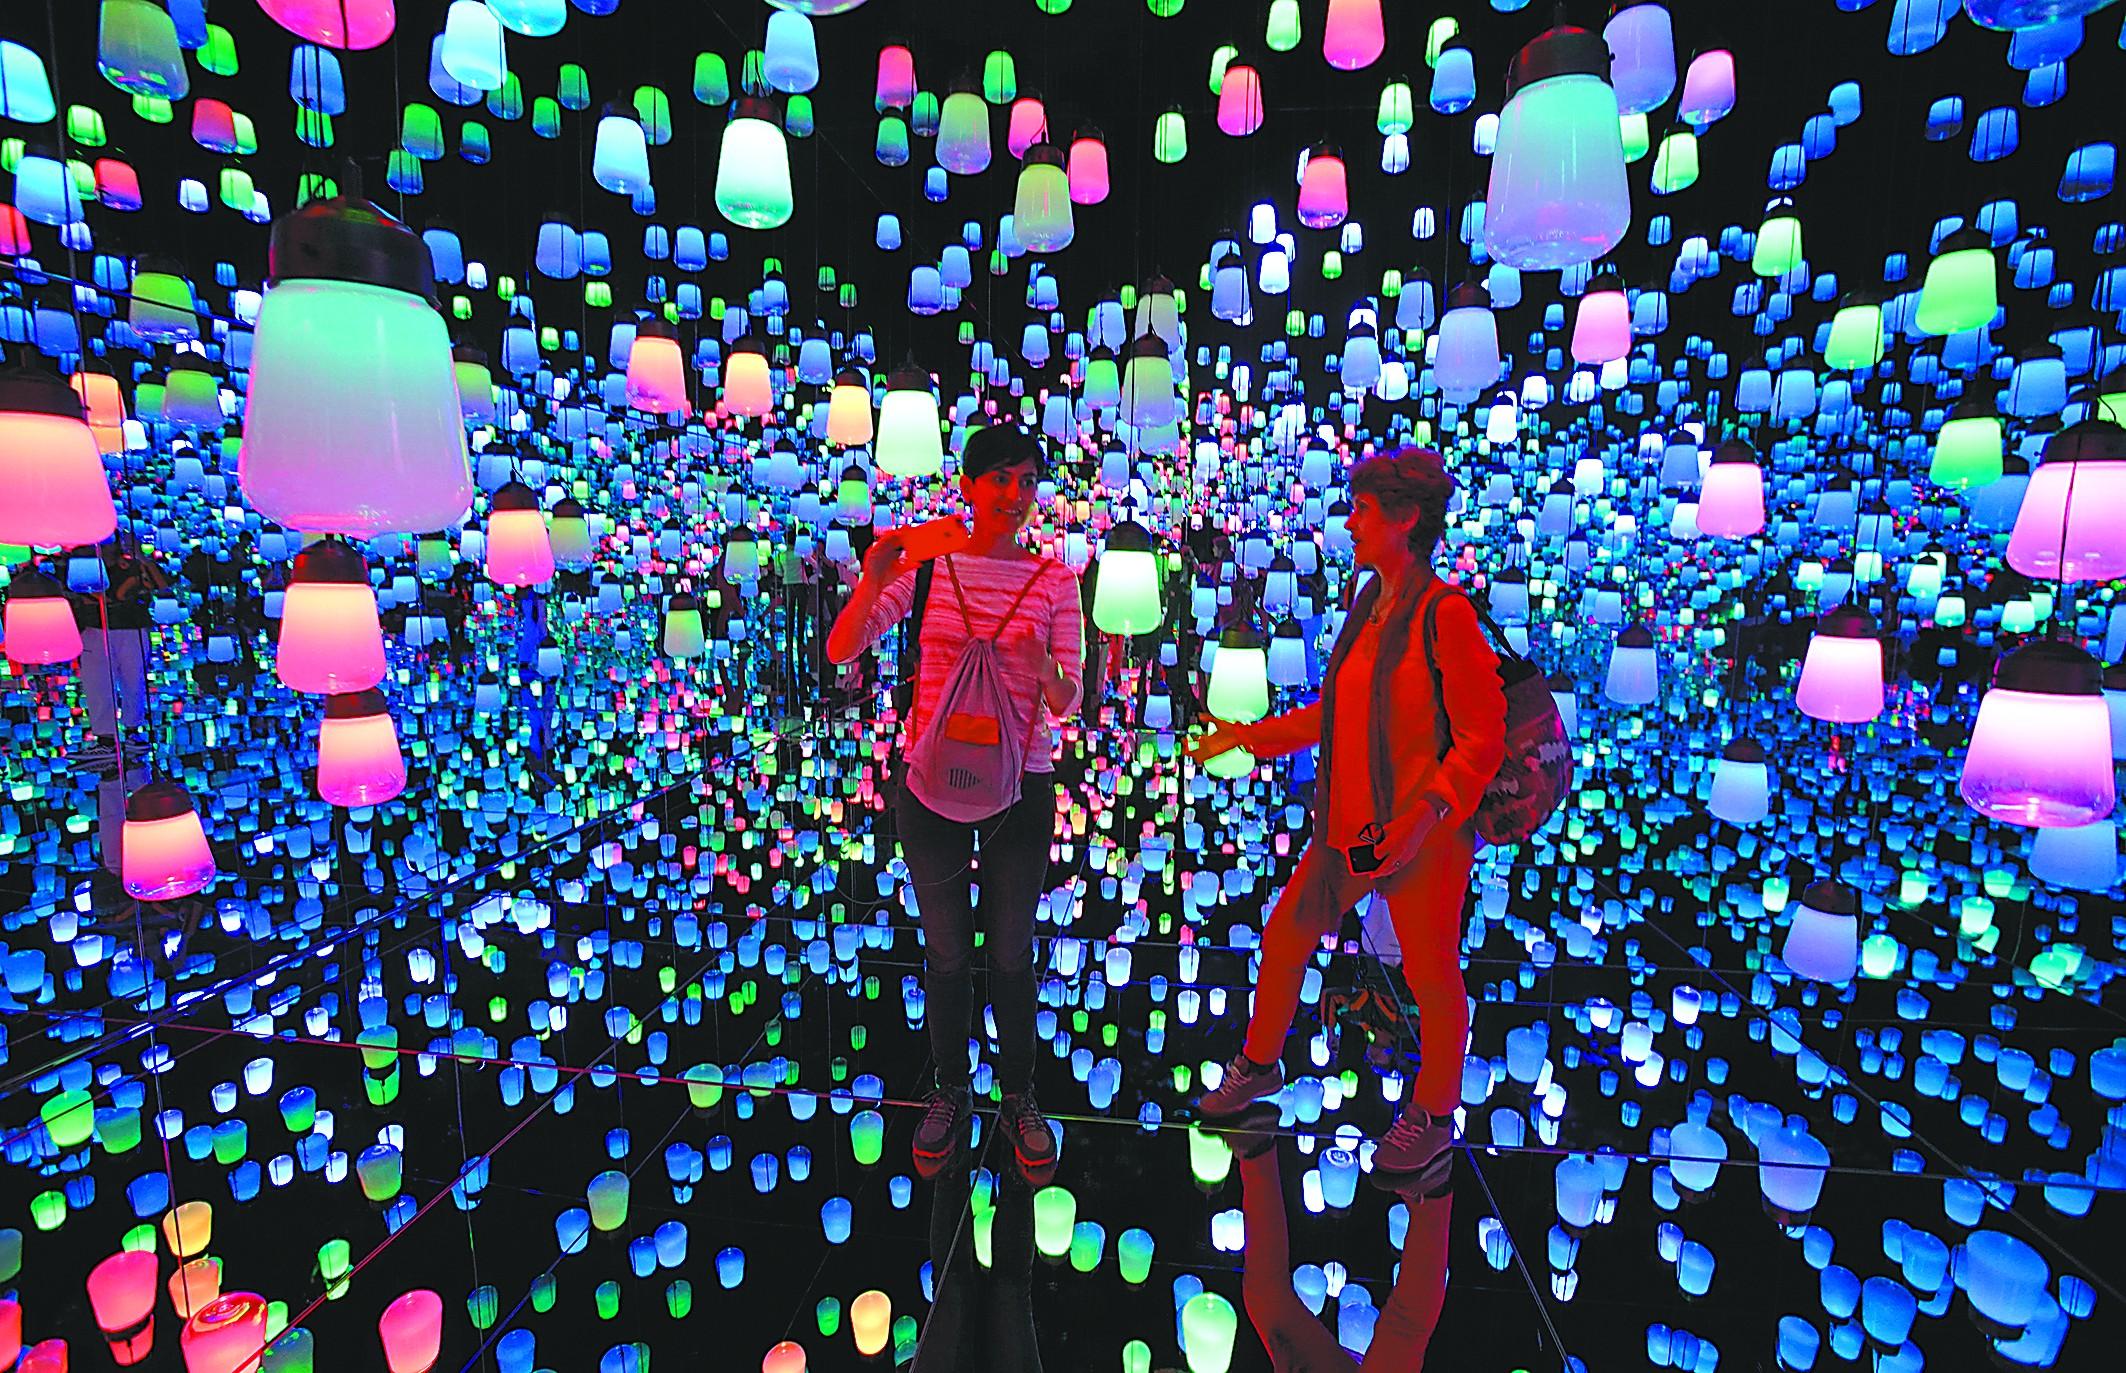 走进日本黑科技艺术馆奇幻梦境